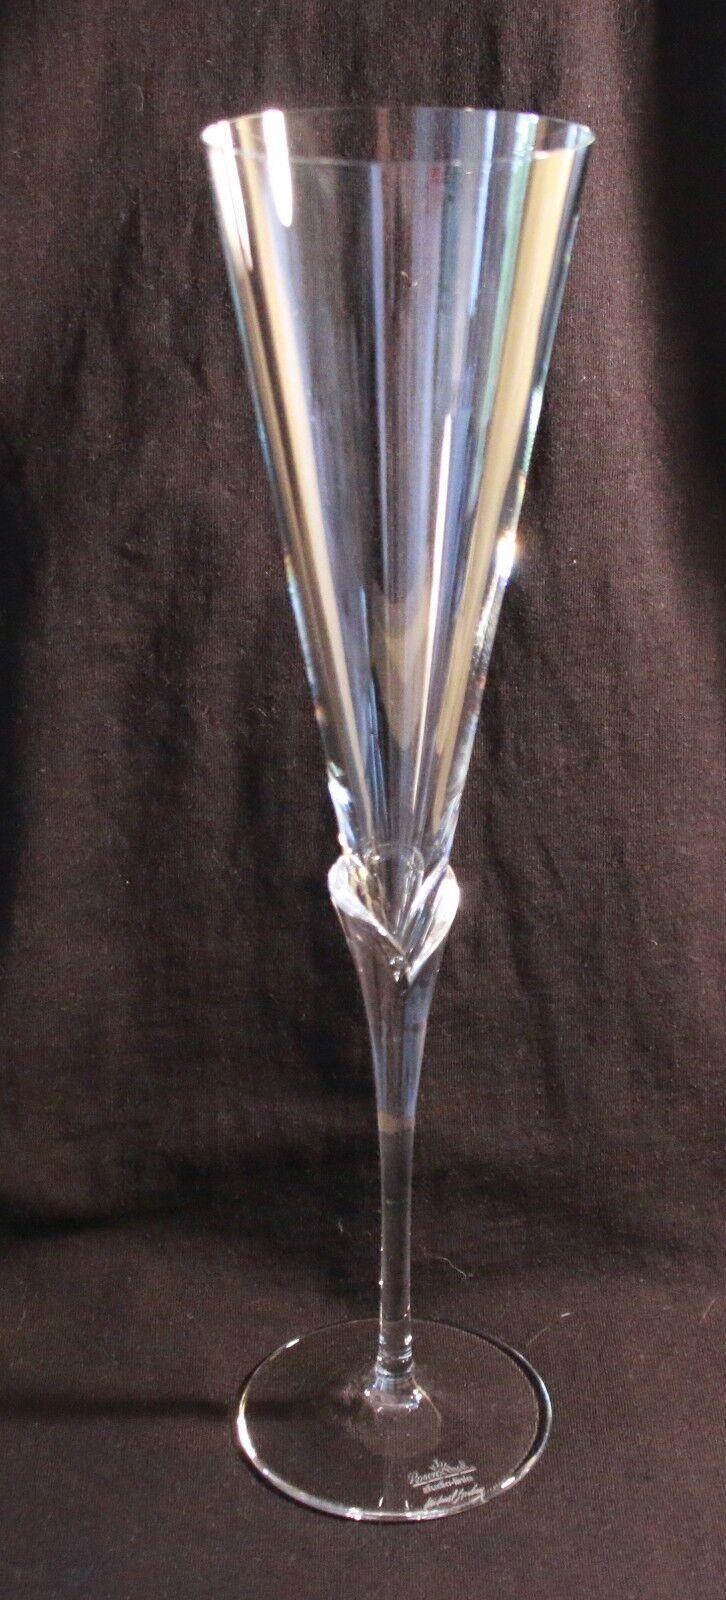 Rosanthal CALICE SEKTSPITZ 7 GLATT ca. 30 cm 1. Wahl in OVP Sektflöte Champagne | Sehr gelobt und vom Publikum der Verbraucher geschätzt